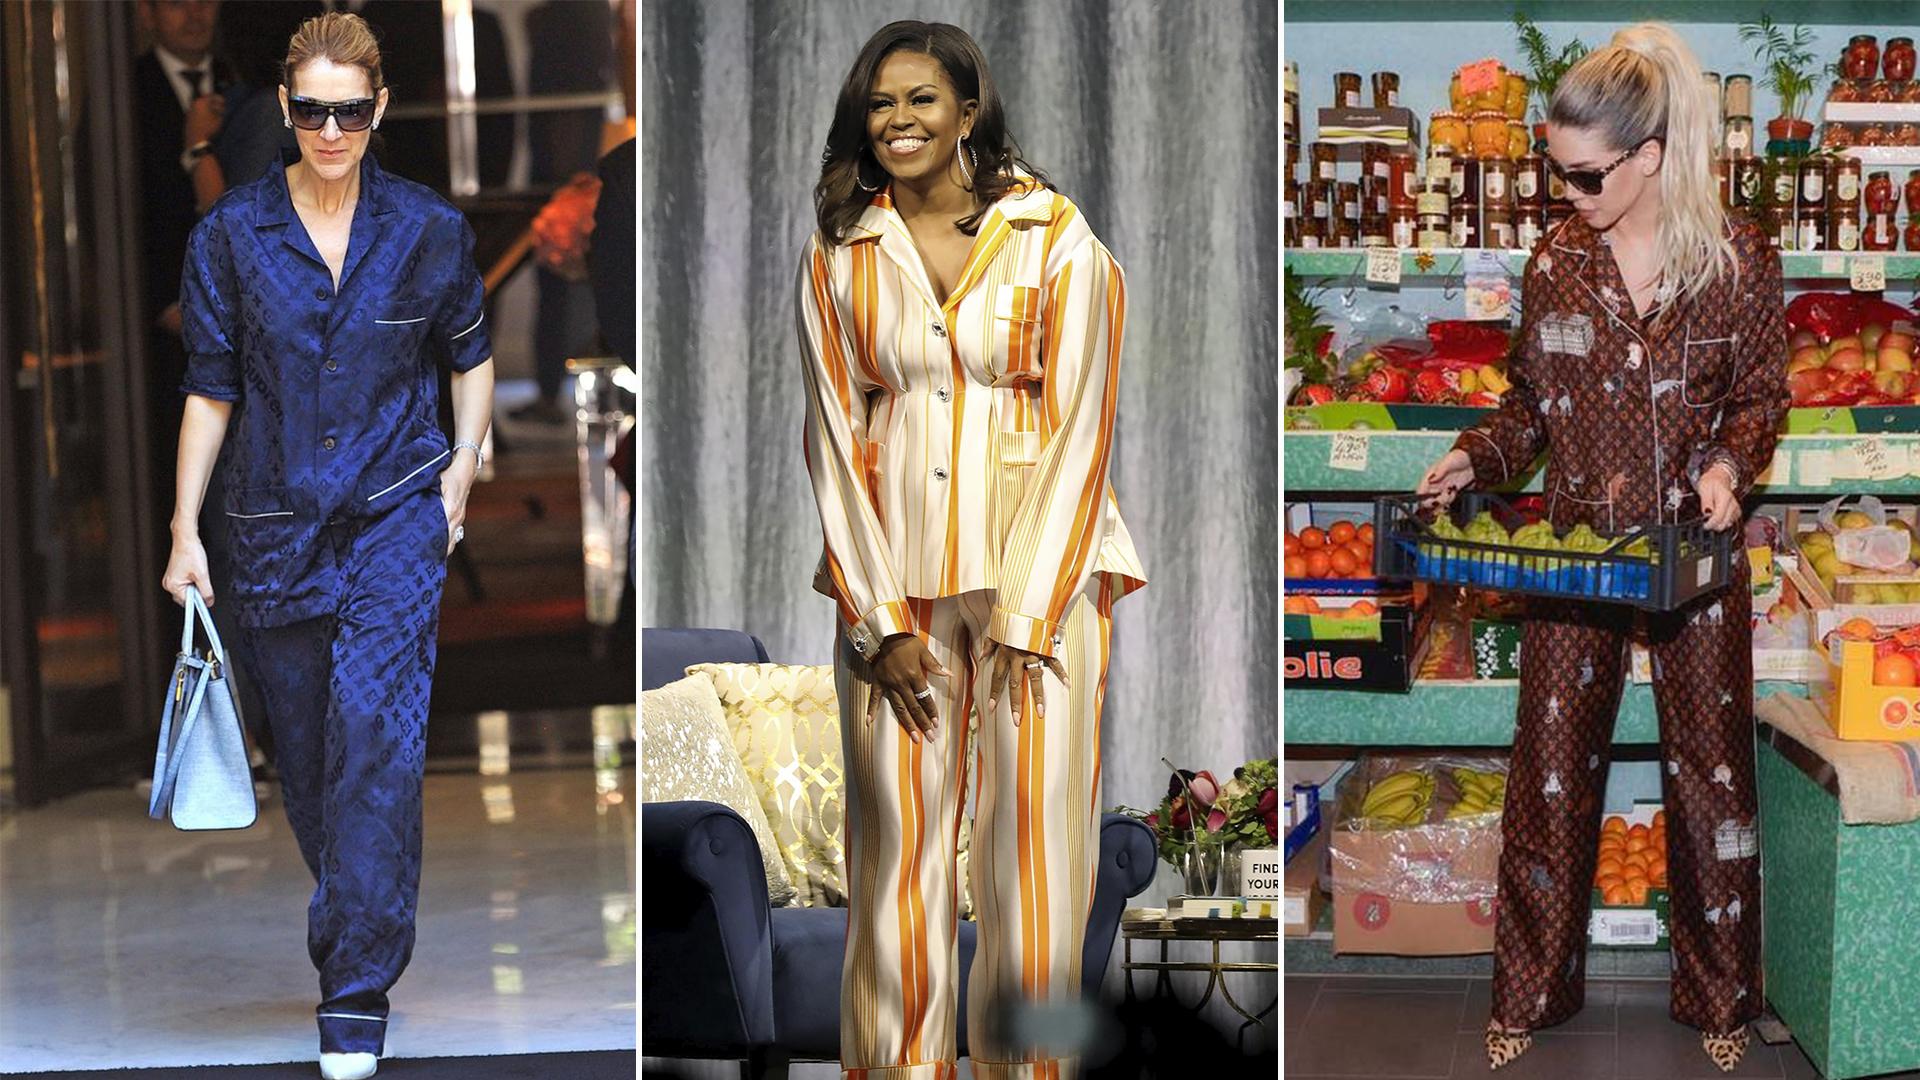 a4fd95f87622 El pijama, la nueva prenda furor entre las famosas, desde Michelle Obama  hasta Wanda Nara - Infobae